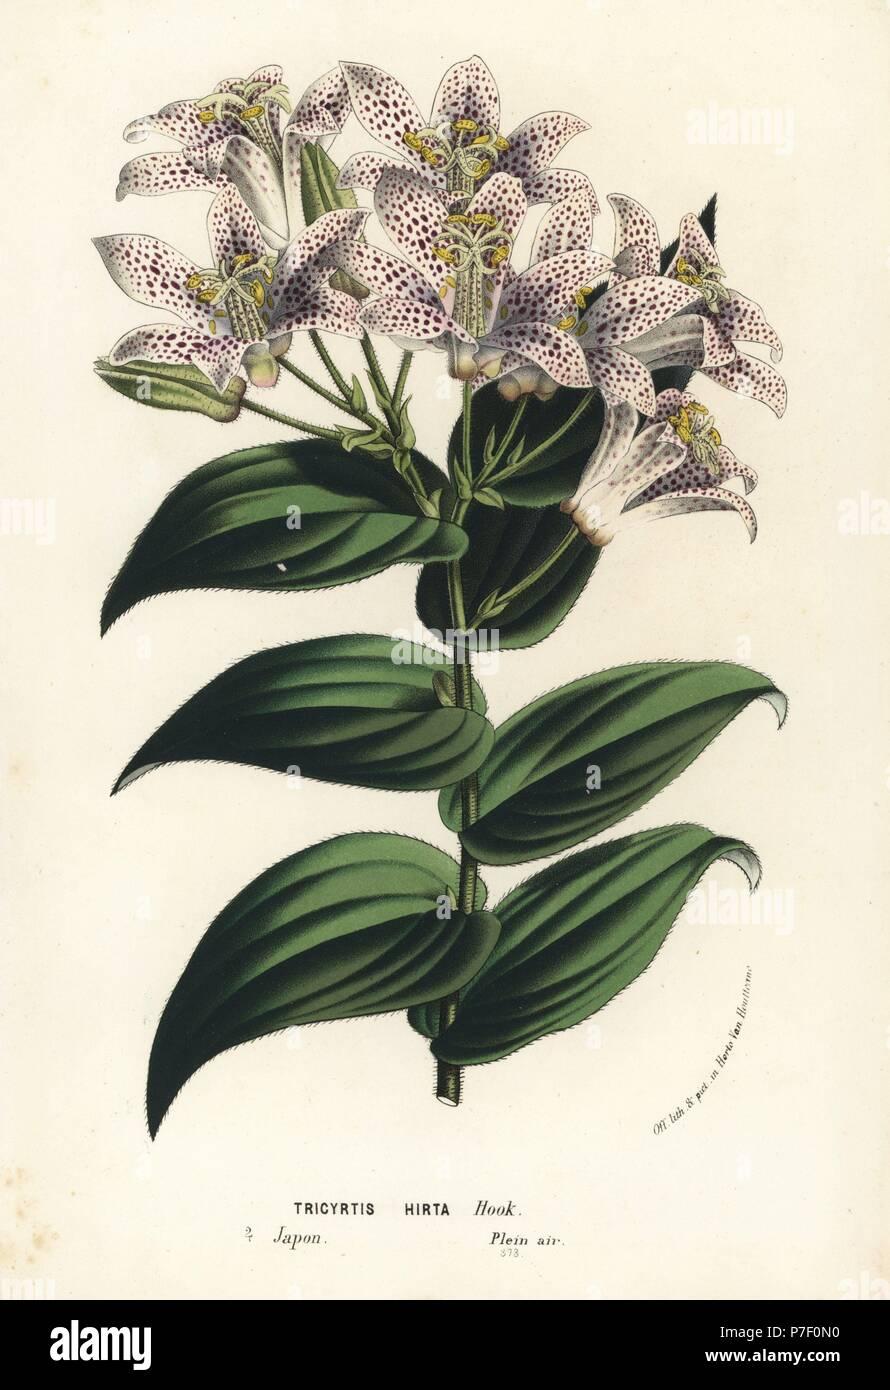 Kröte Lilie, Tricyrtis Hirta. Japan. Handkoloriert Lithographie von ...